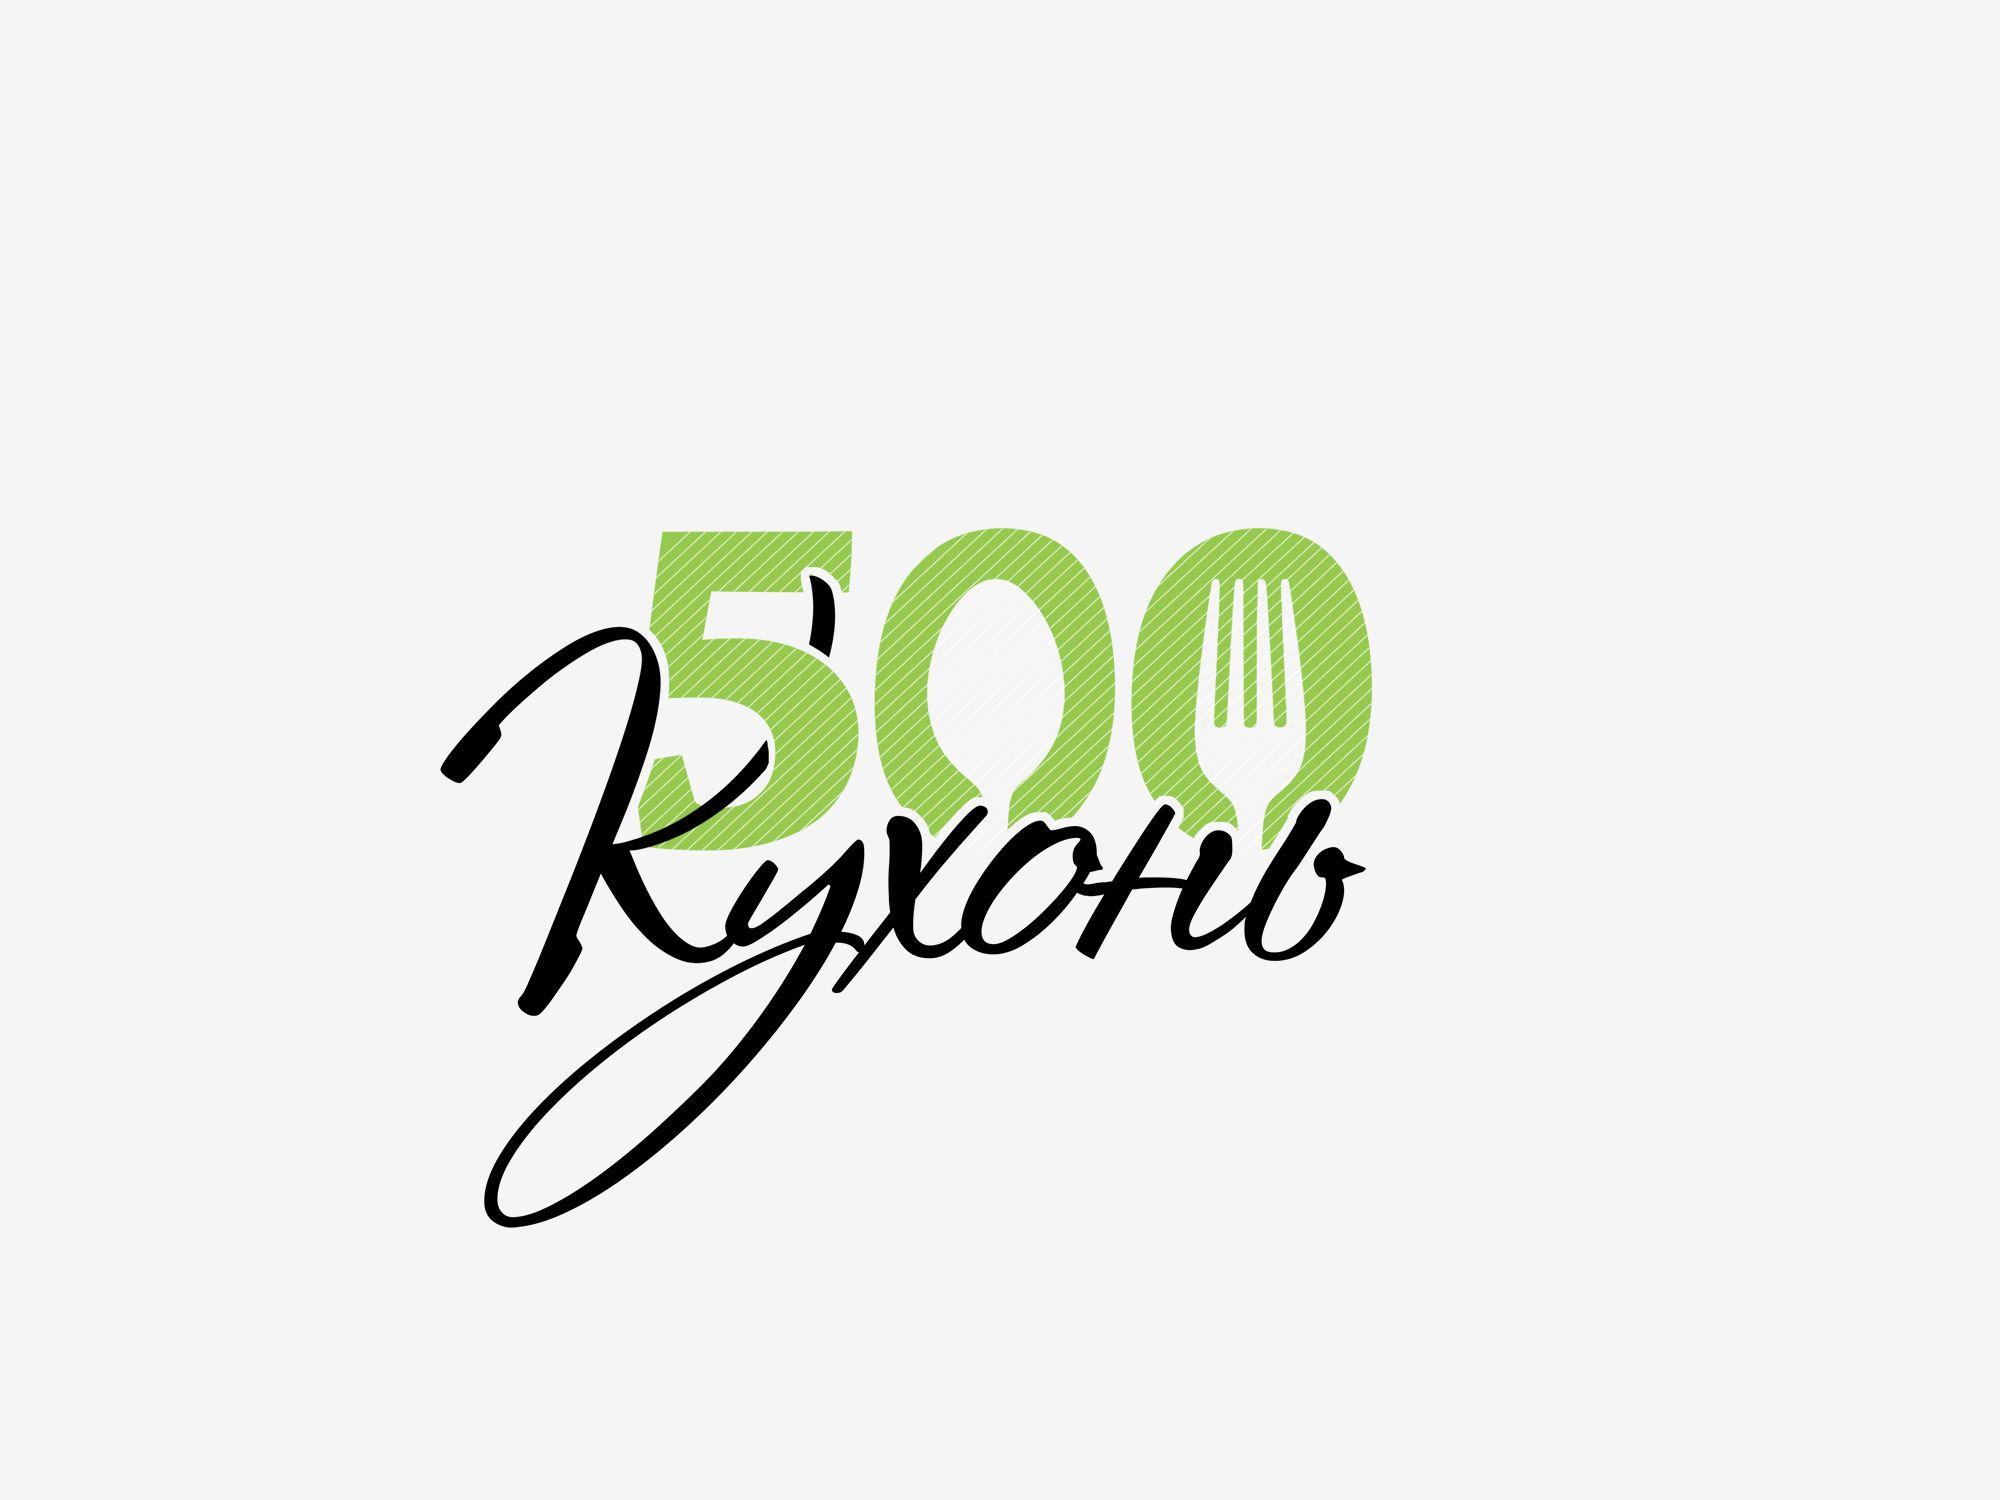 Логотип для интернет каталога кухонь - дизайнер baracuta